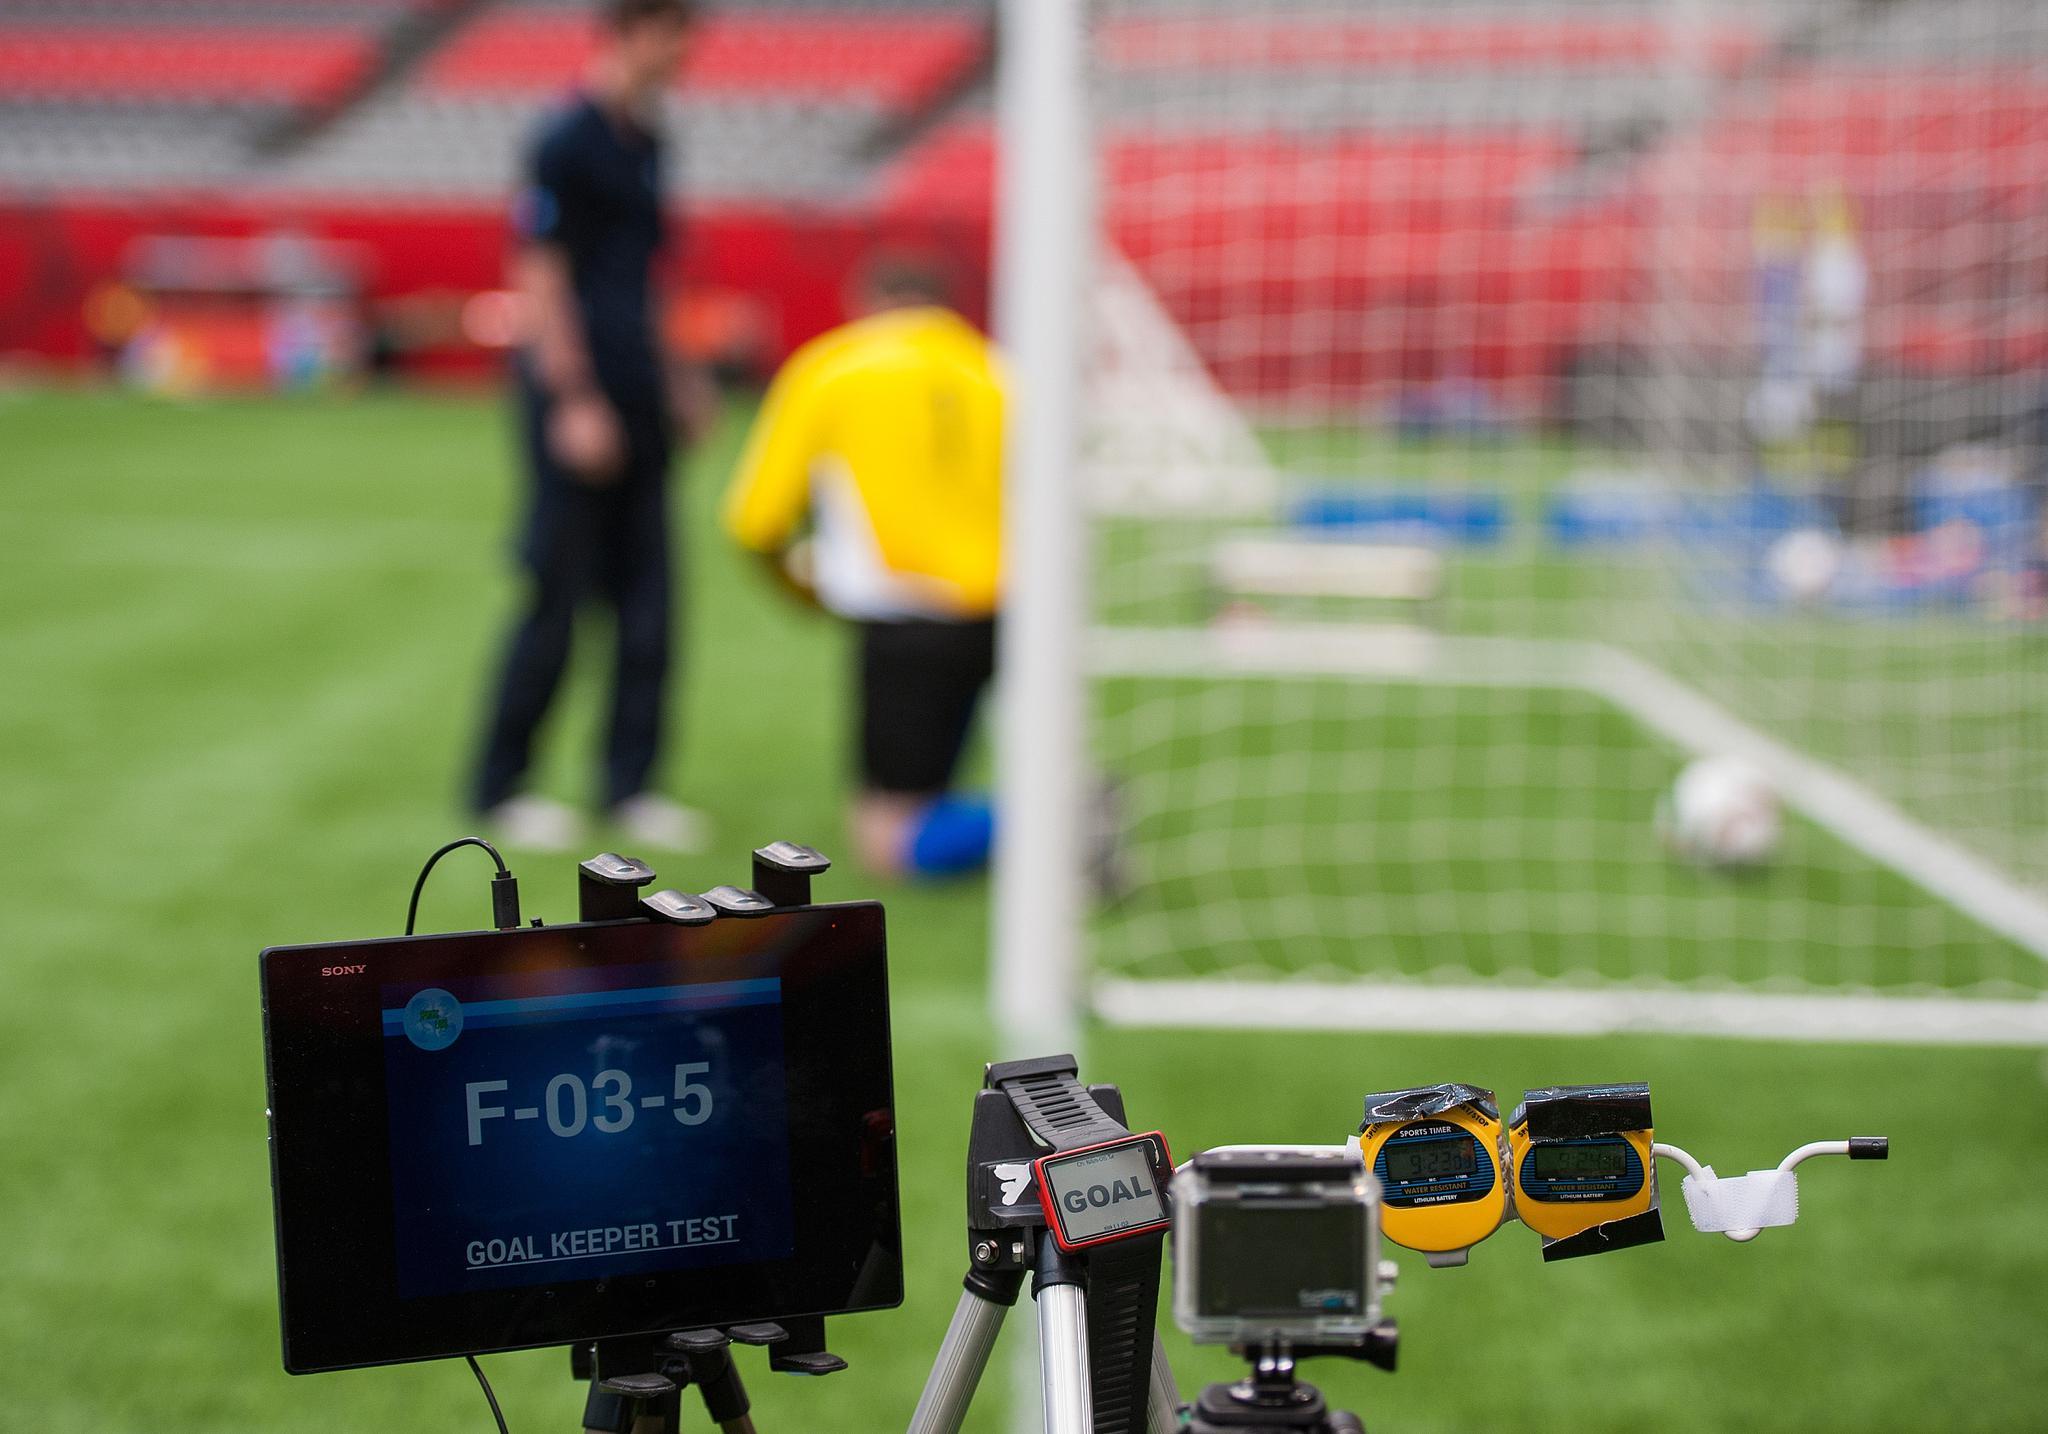 国际足联重大越位规则改变,今年将在中国足球联赛率先试行